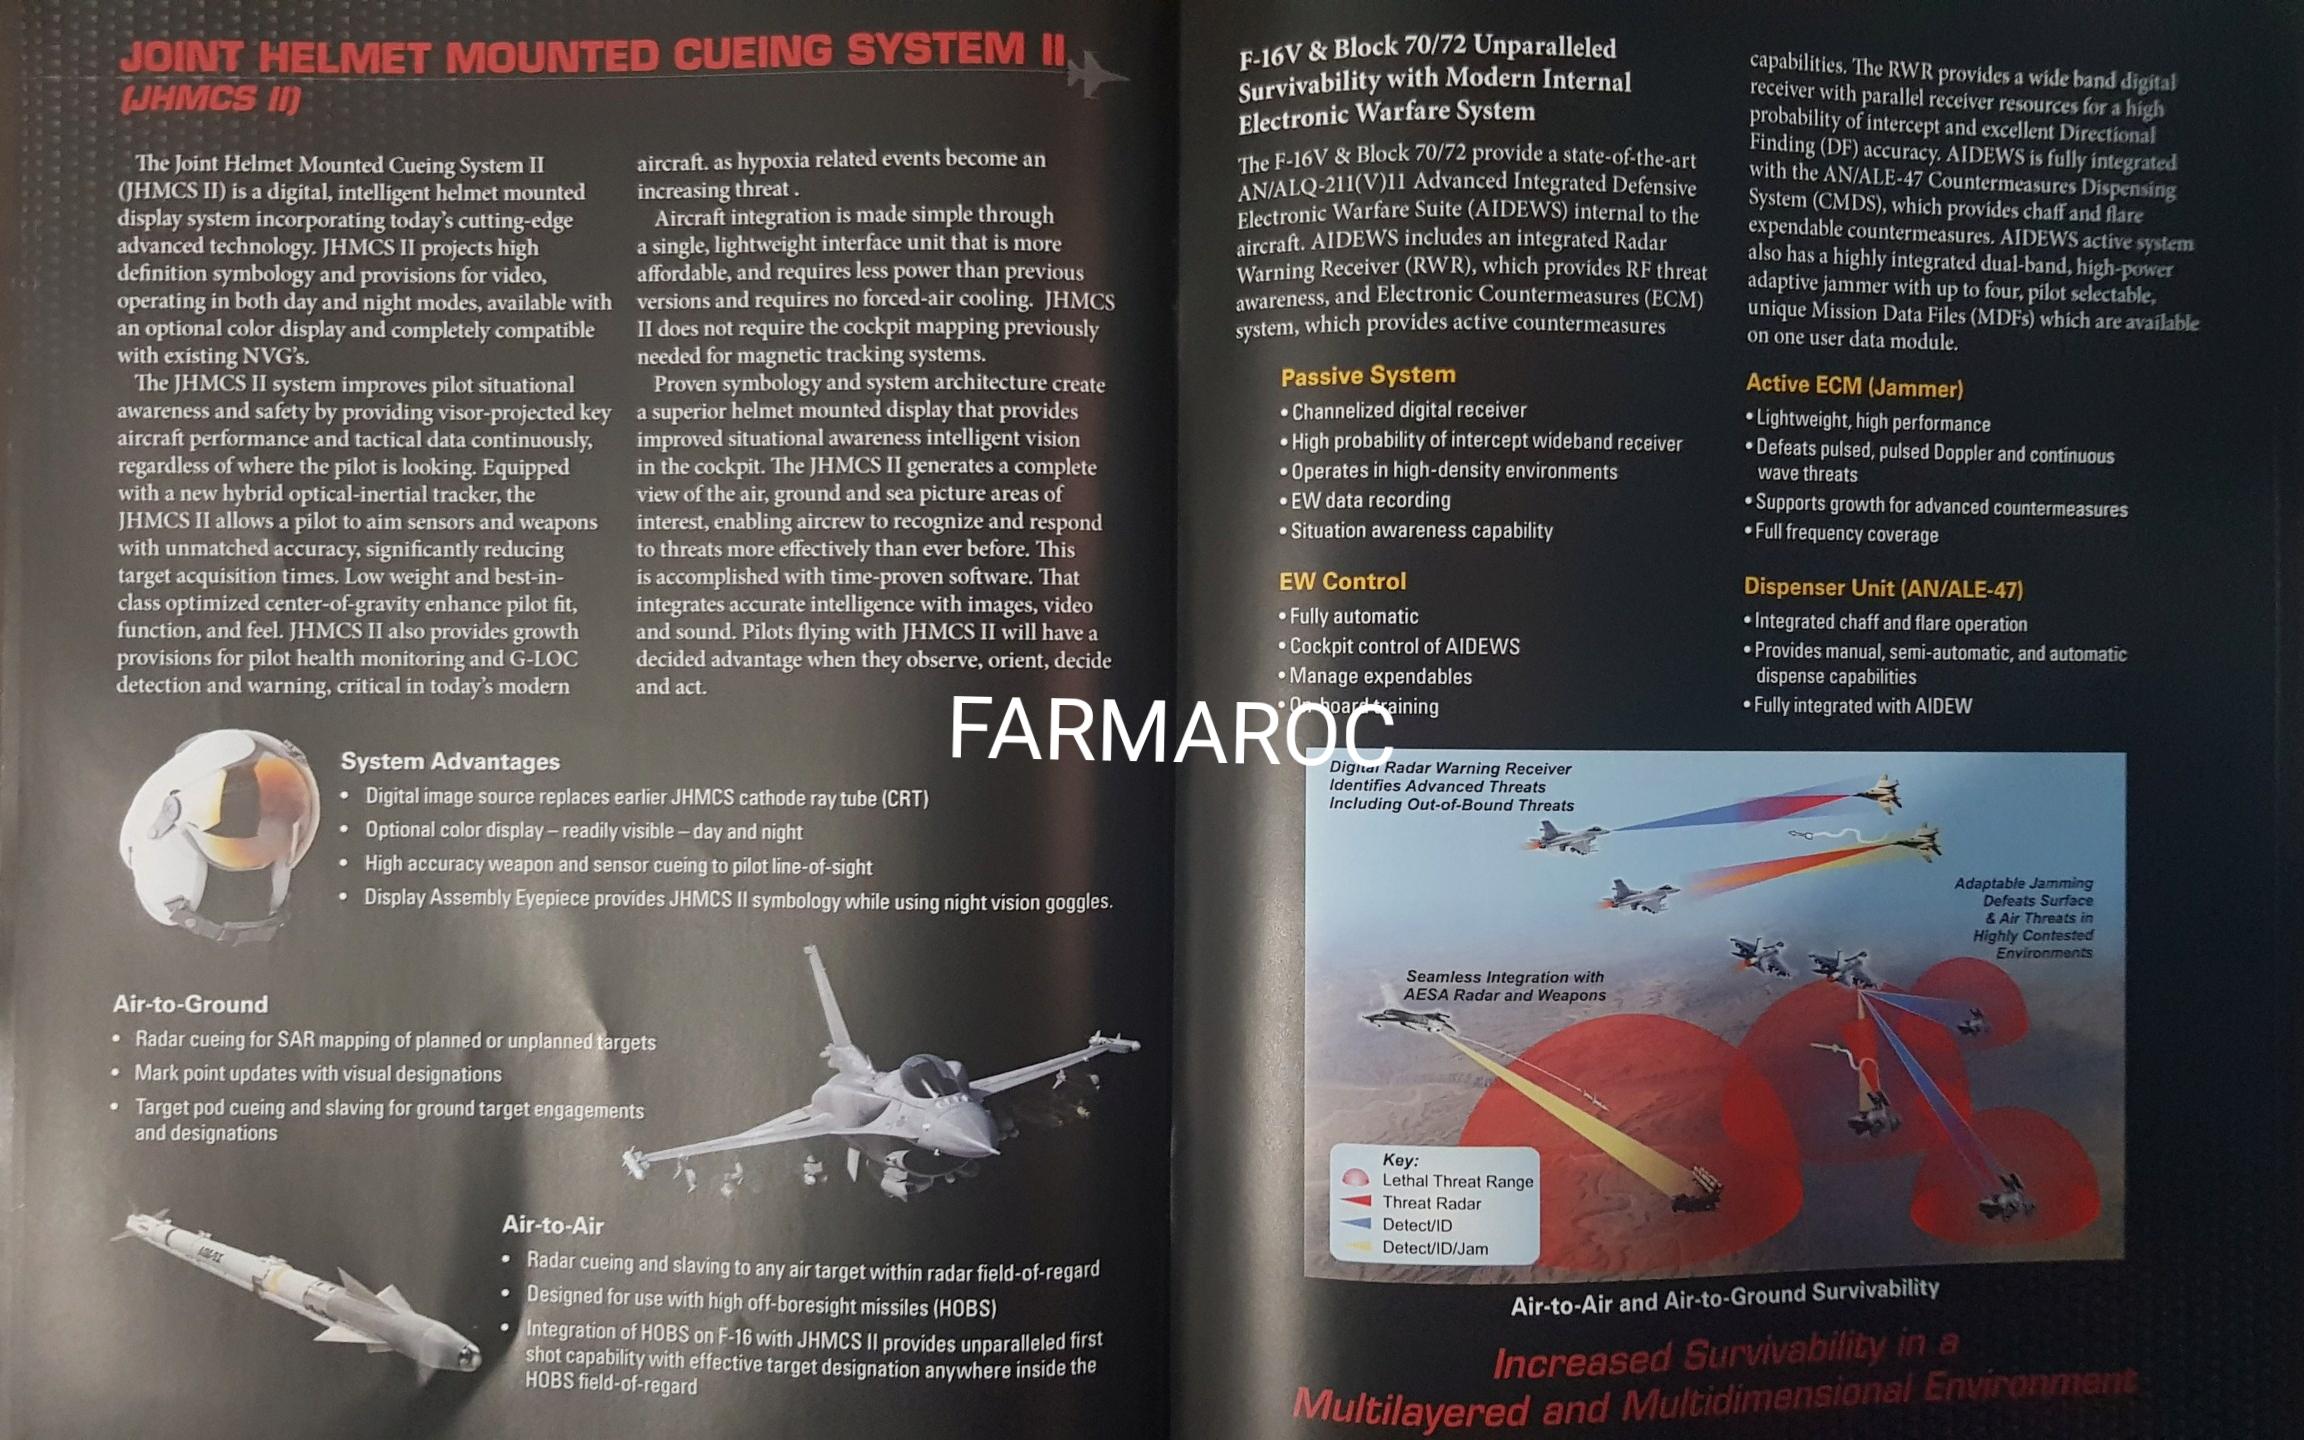 The Moroccan F-16V Viper / Block 72 program - Page 4 45580119482_f96db50fe6_o